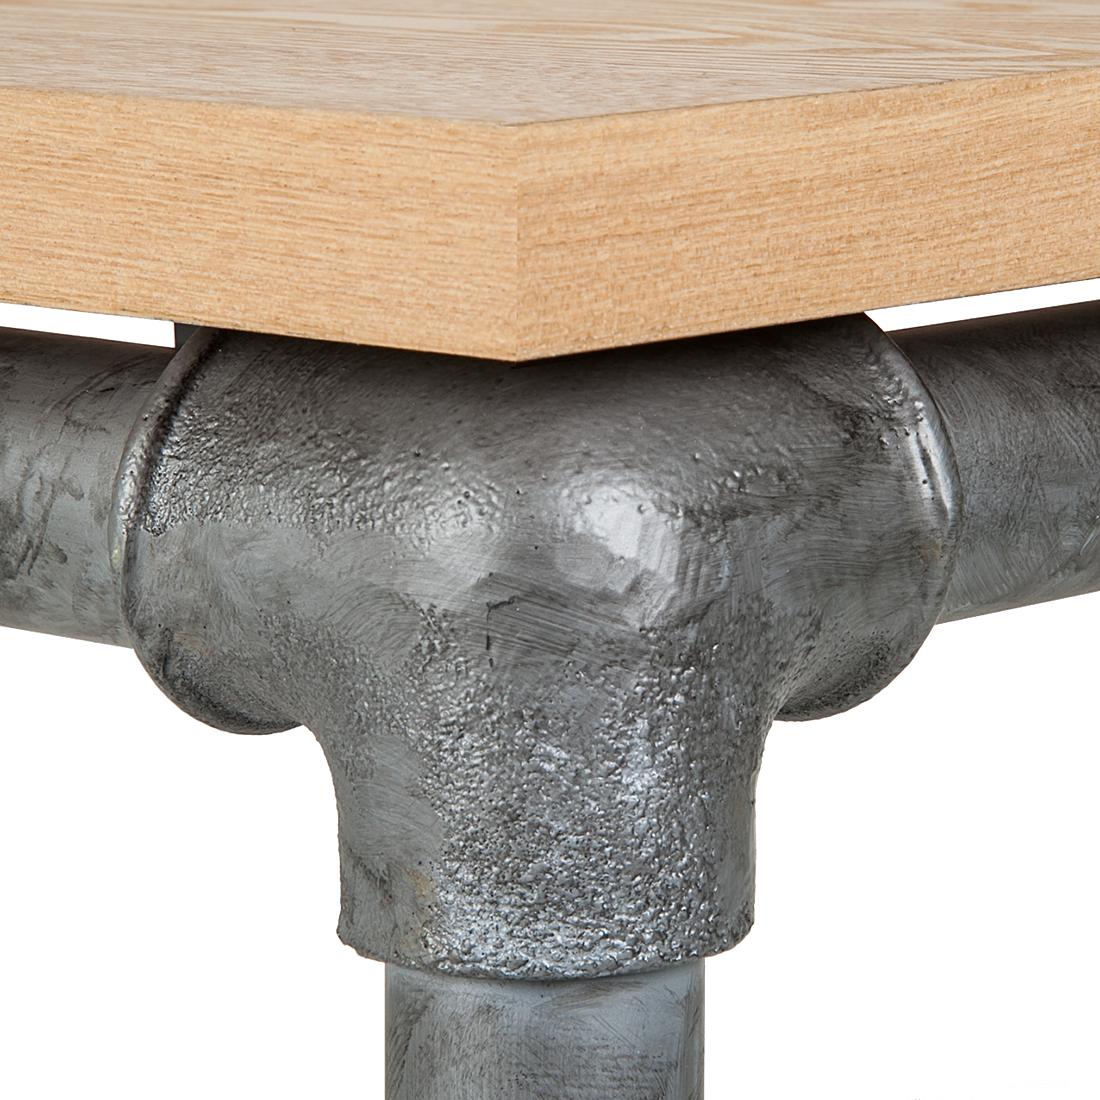 esstisch eiche stahl antik esszimmer holz tisch k chentisch esszimmertisch neu ebay. Black Bedroom Furniture Sets. Home Design Ideas